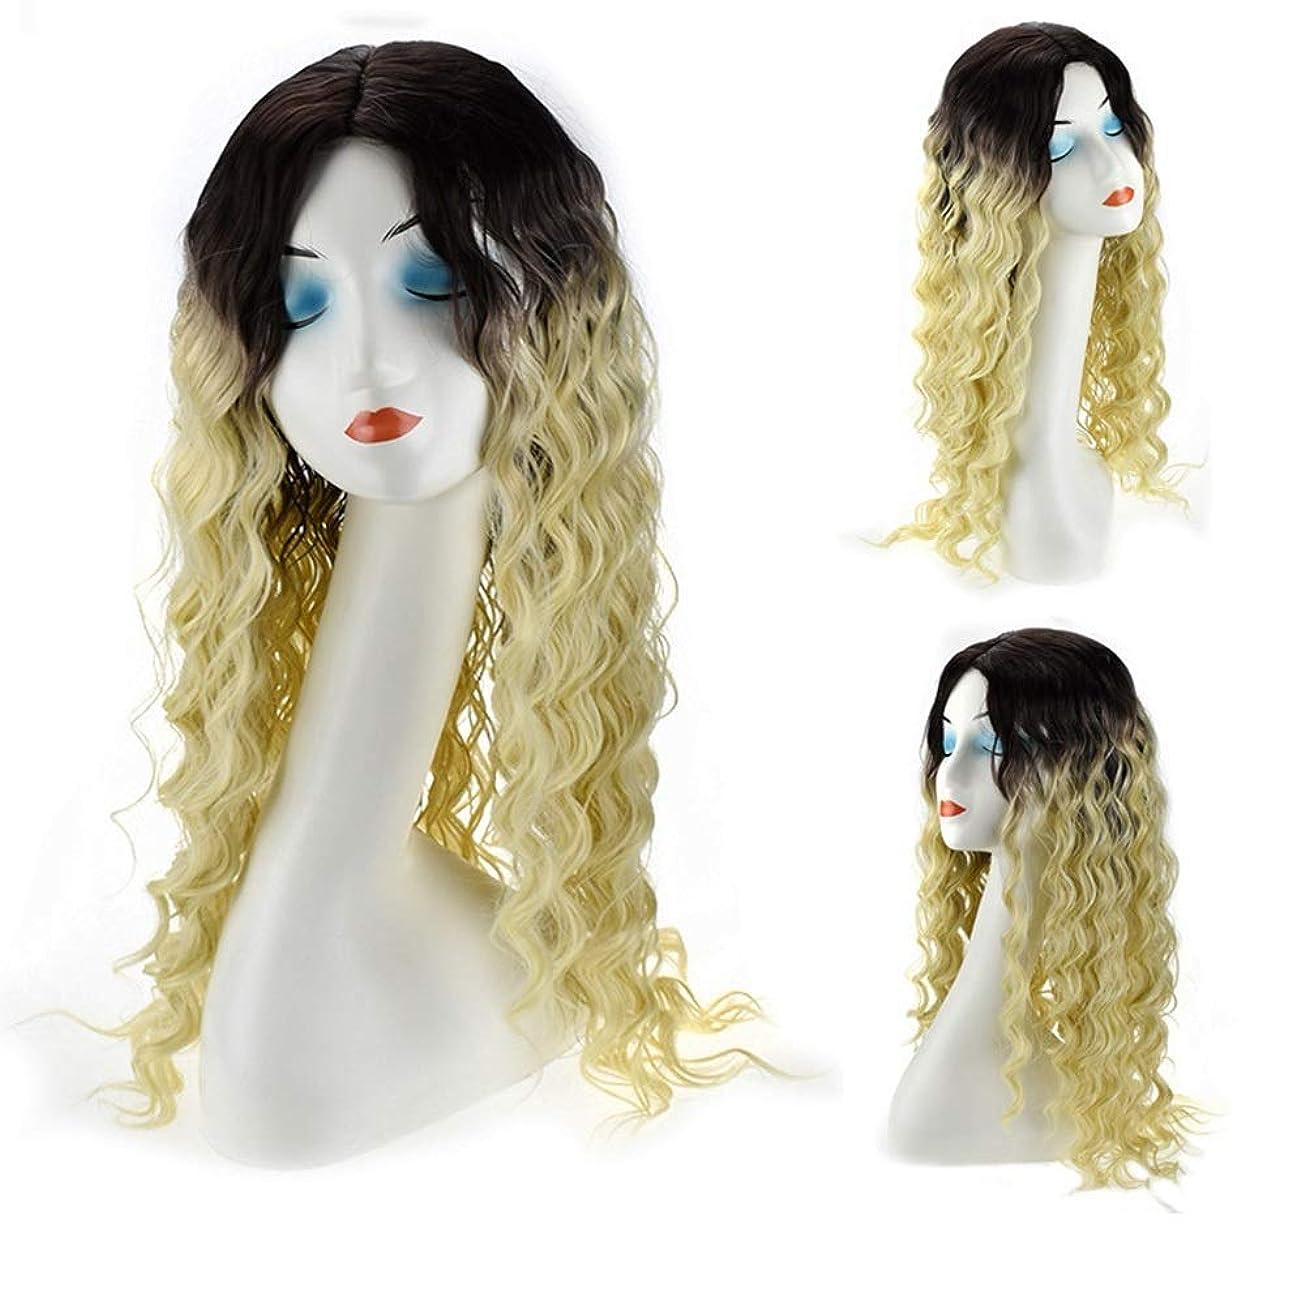 厳密に聞くあそこBOBIDYEE ブロンドの深い波長い髪のグラデーションカラーの女性長い巻き毛のかつら耐熱ファイバーパーティーかつら (色 : Blonde)